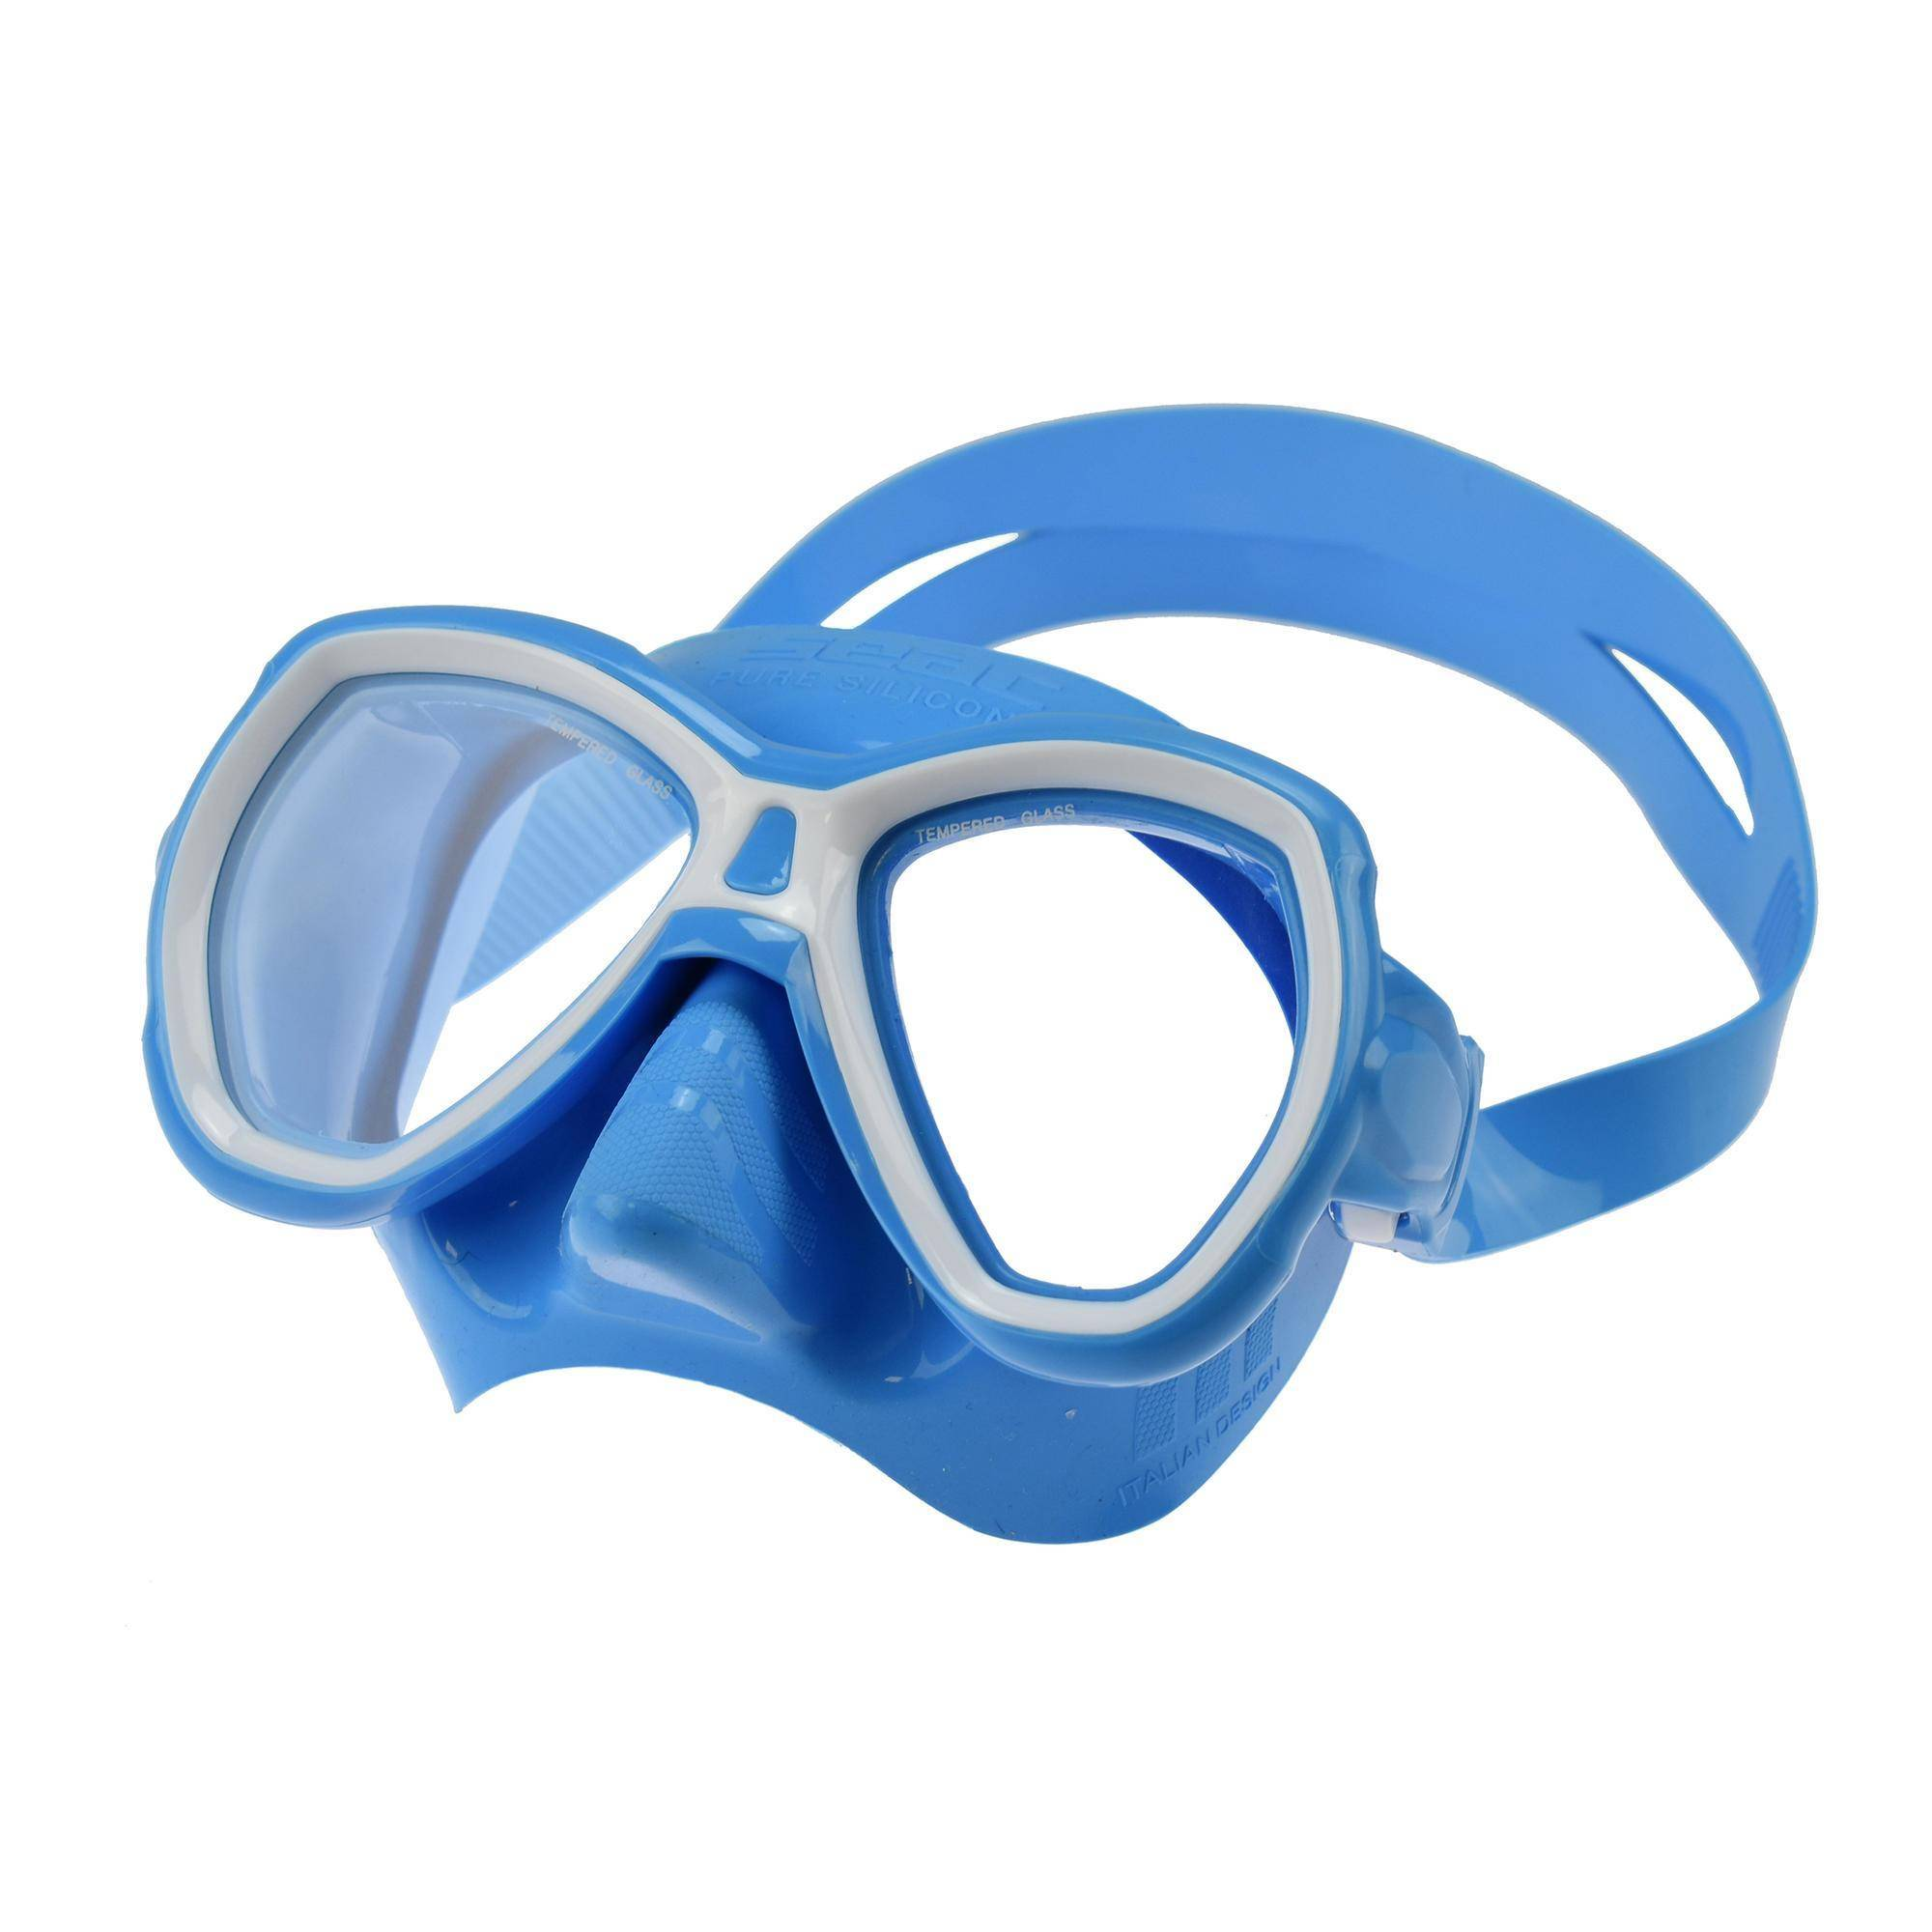 seac maschera subacquea e snorkeling elba